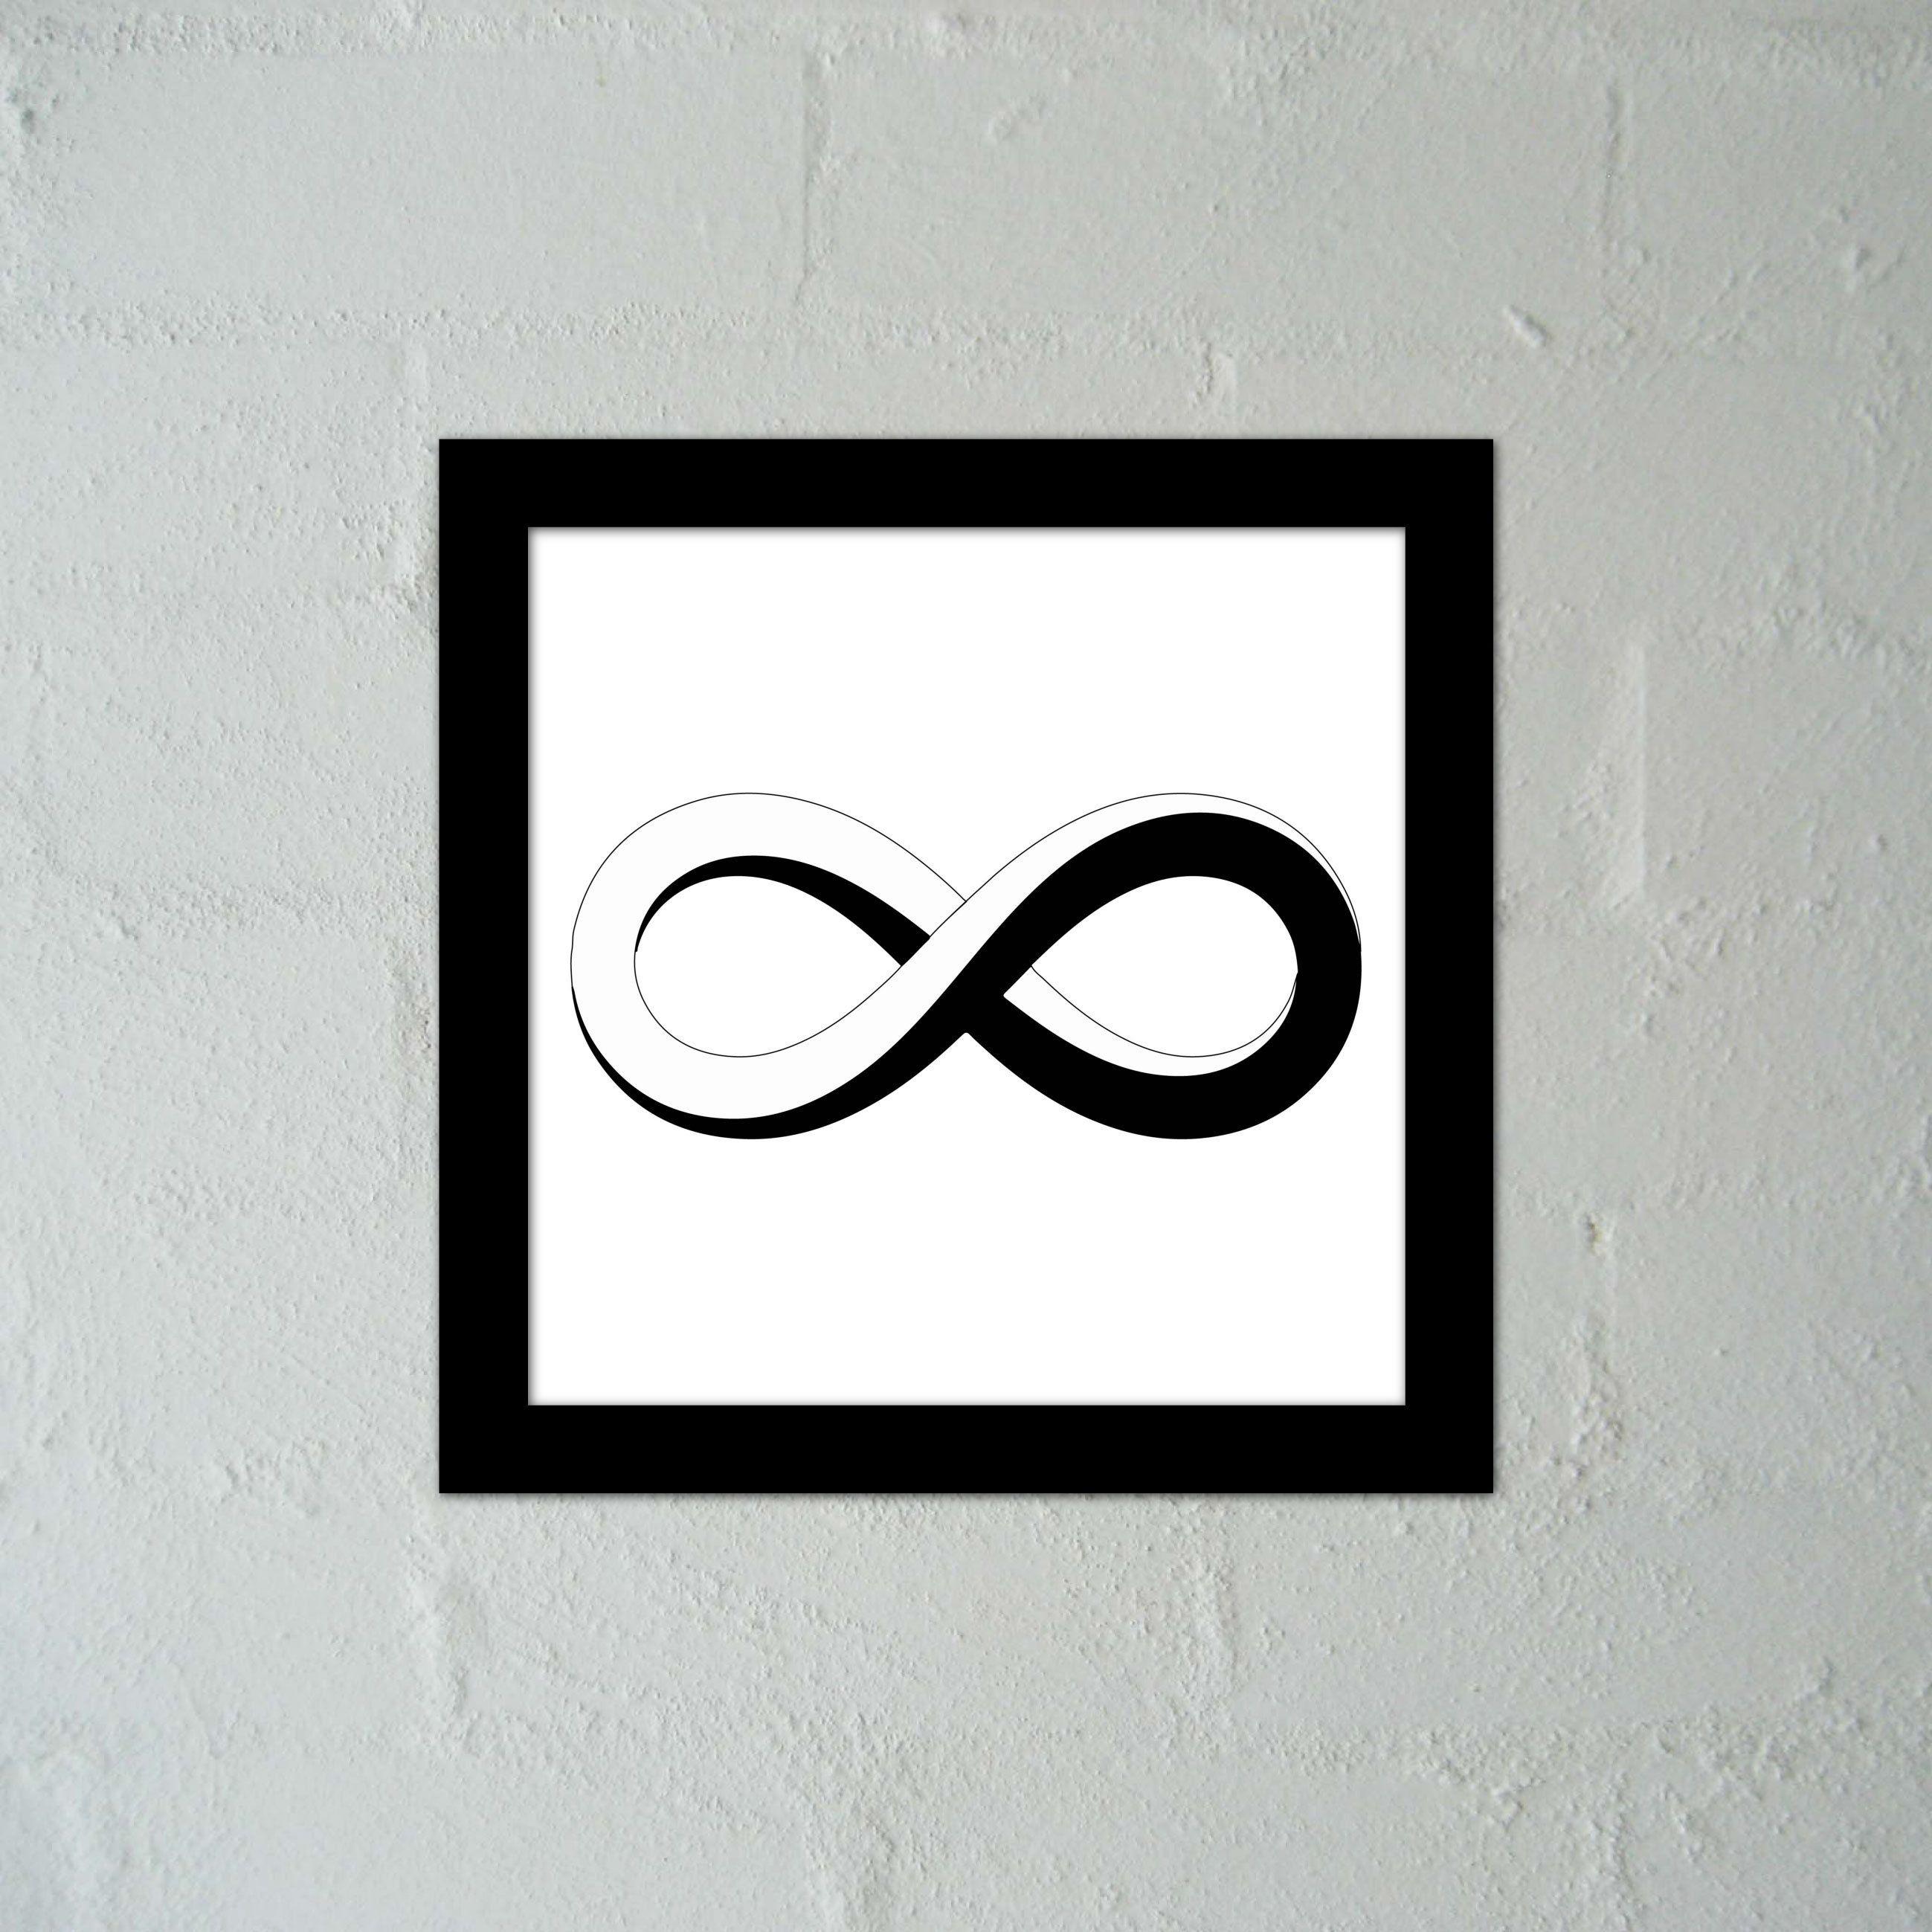 Moebius Infinity Loop In Black & White